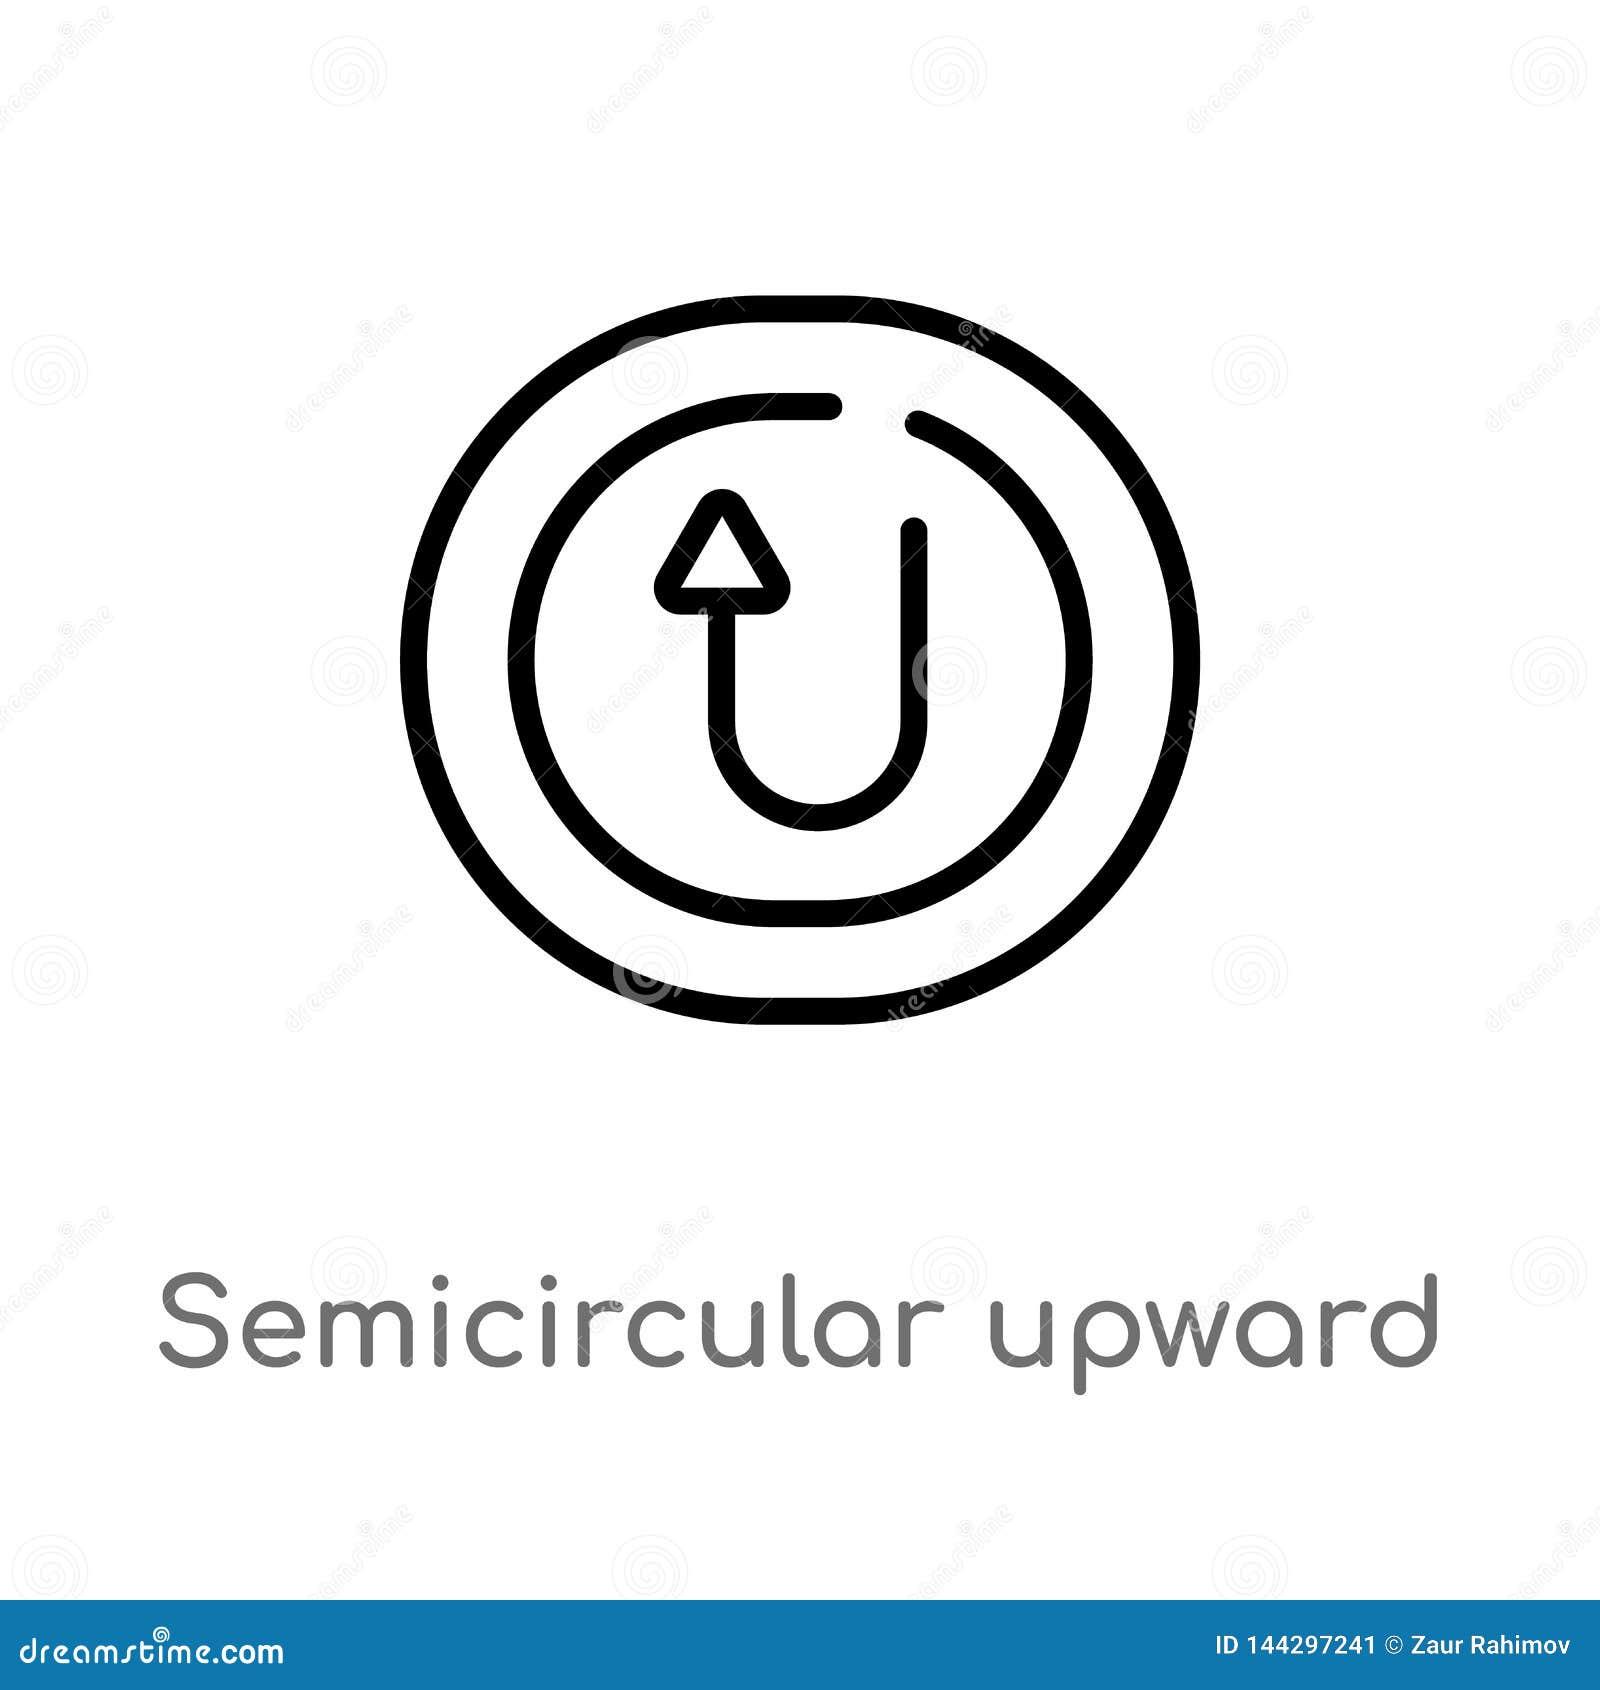 διανυσματικό εικονίδιο βελών περιλήψεων ημικυκλικό ανοδικό απομονωμένη μαύρη απλή απεικόνιση στοιχείων γραμμών από την έννοια ενδ